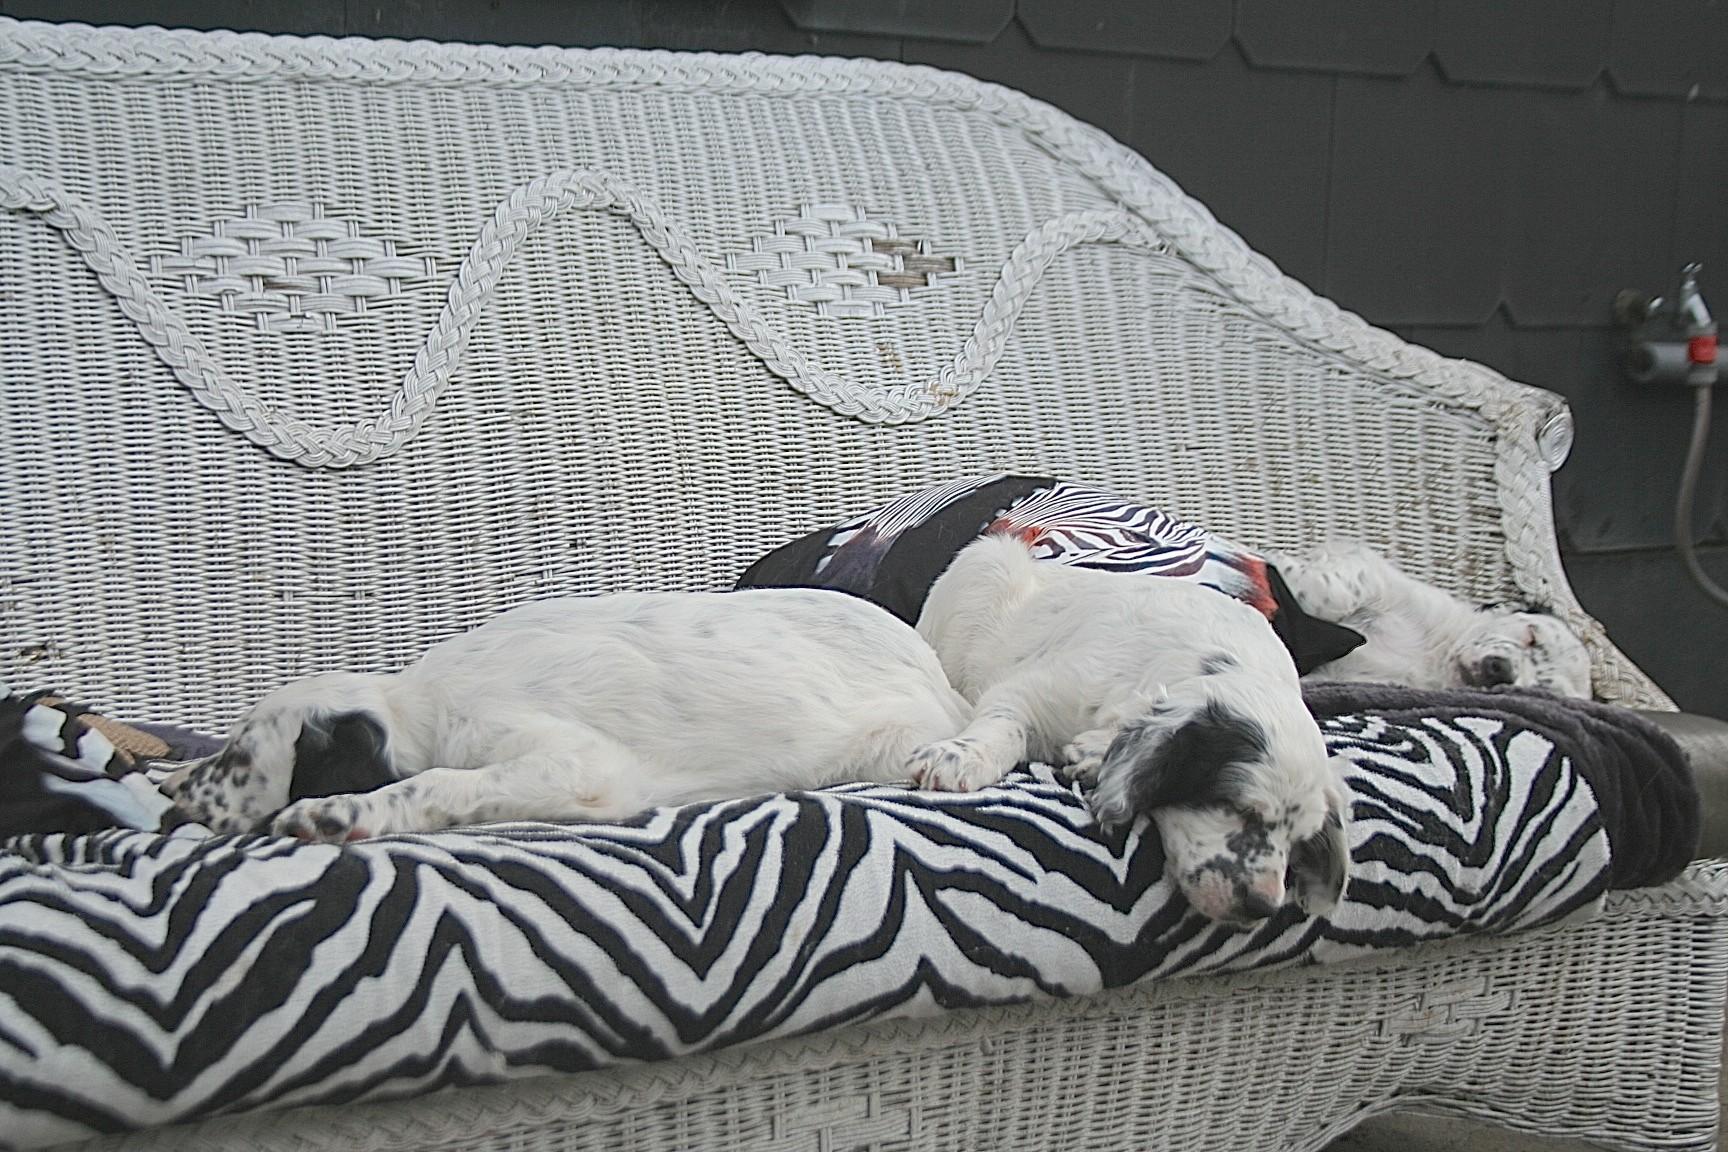 Alle Jungs wollten draußen auf dem Korbsofa schlafen.